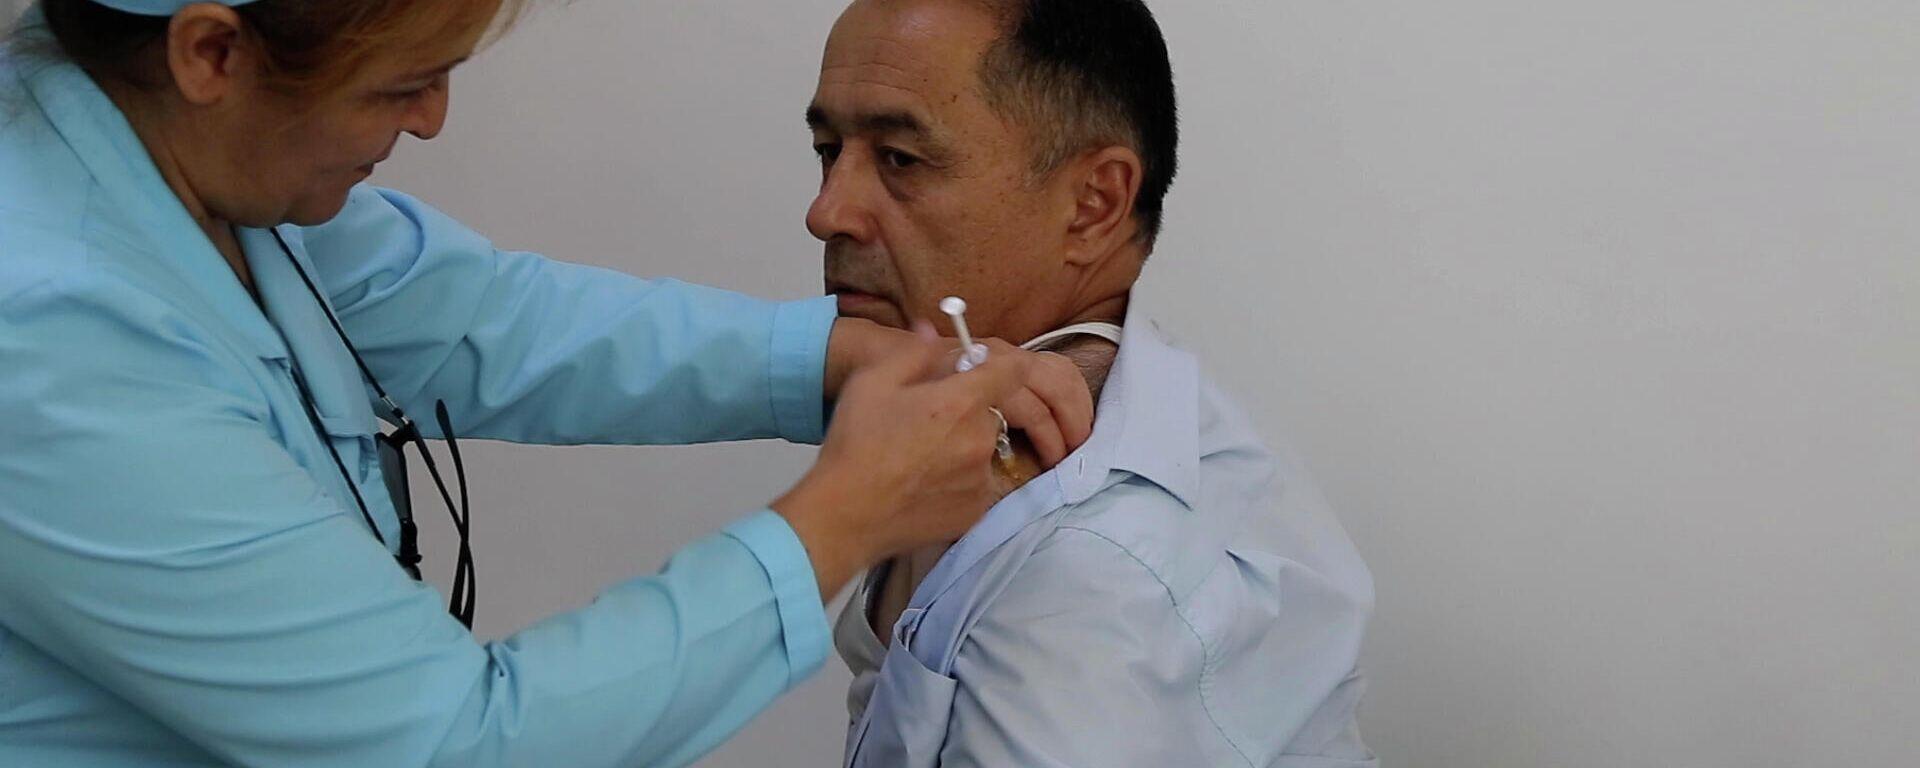 Вакцинация от коронавируса в Таджикистане - Sputnik Таджикистан, 1920, 08.08.2021